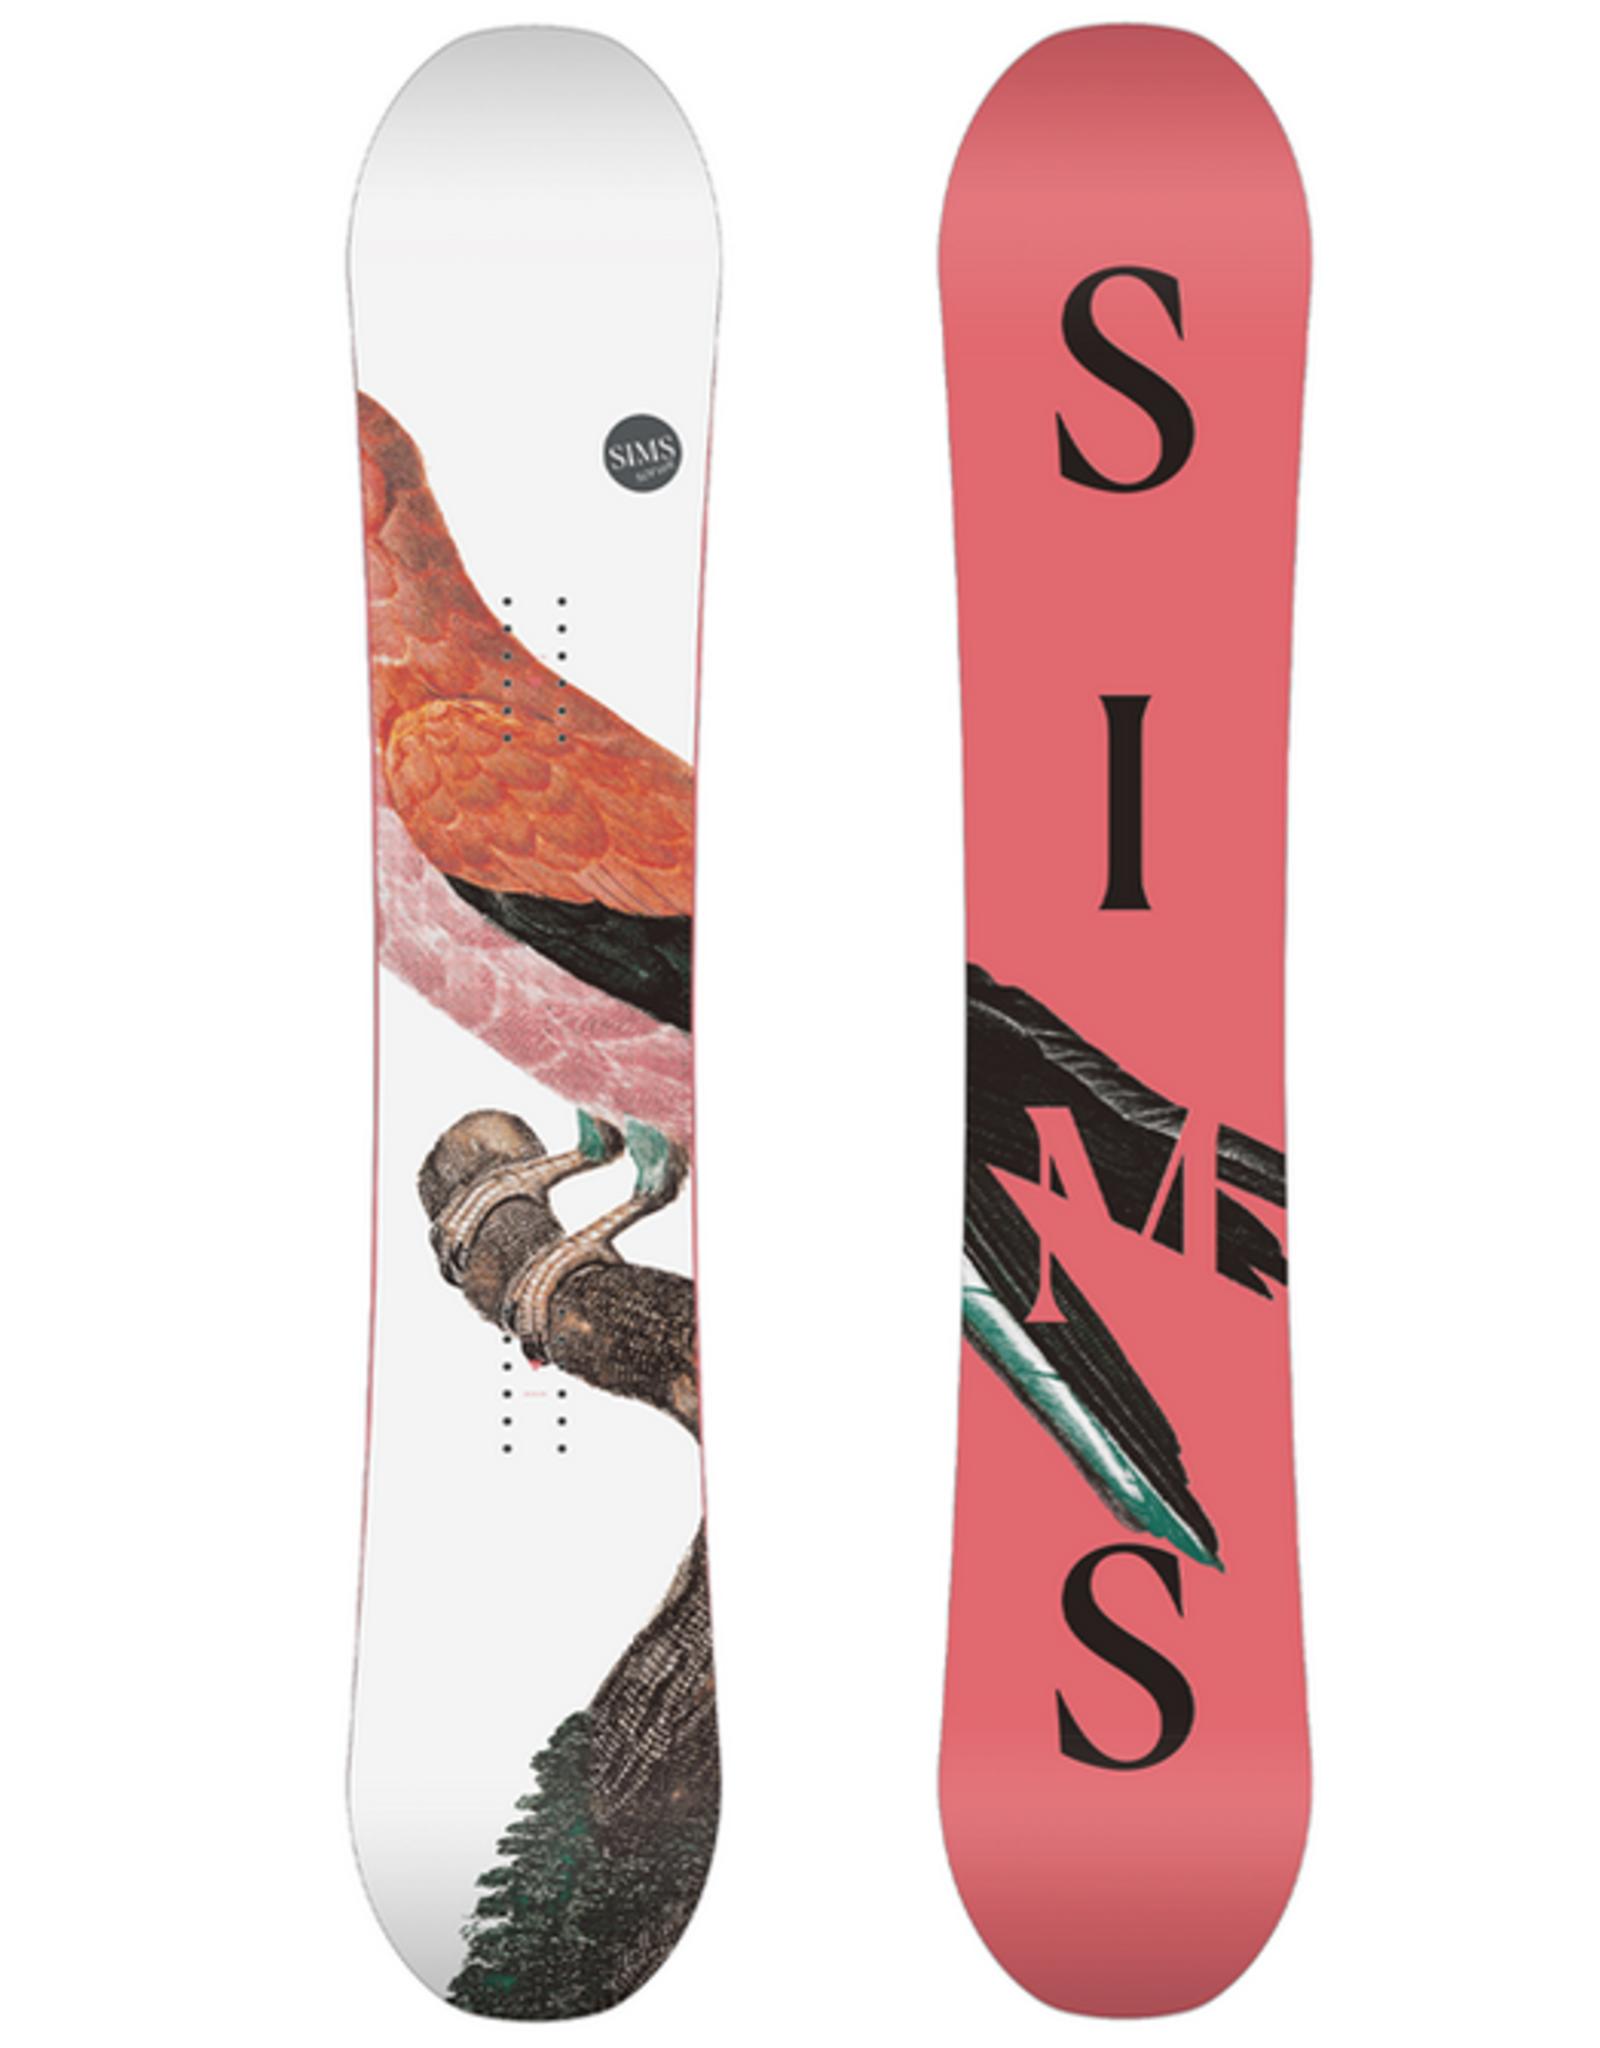 SIMS SIMS 2021 SO FUN SNOWBOARD